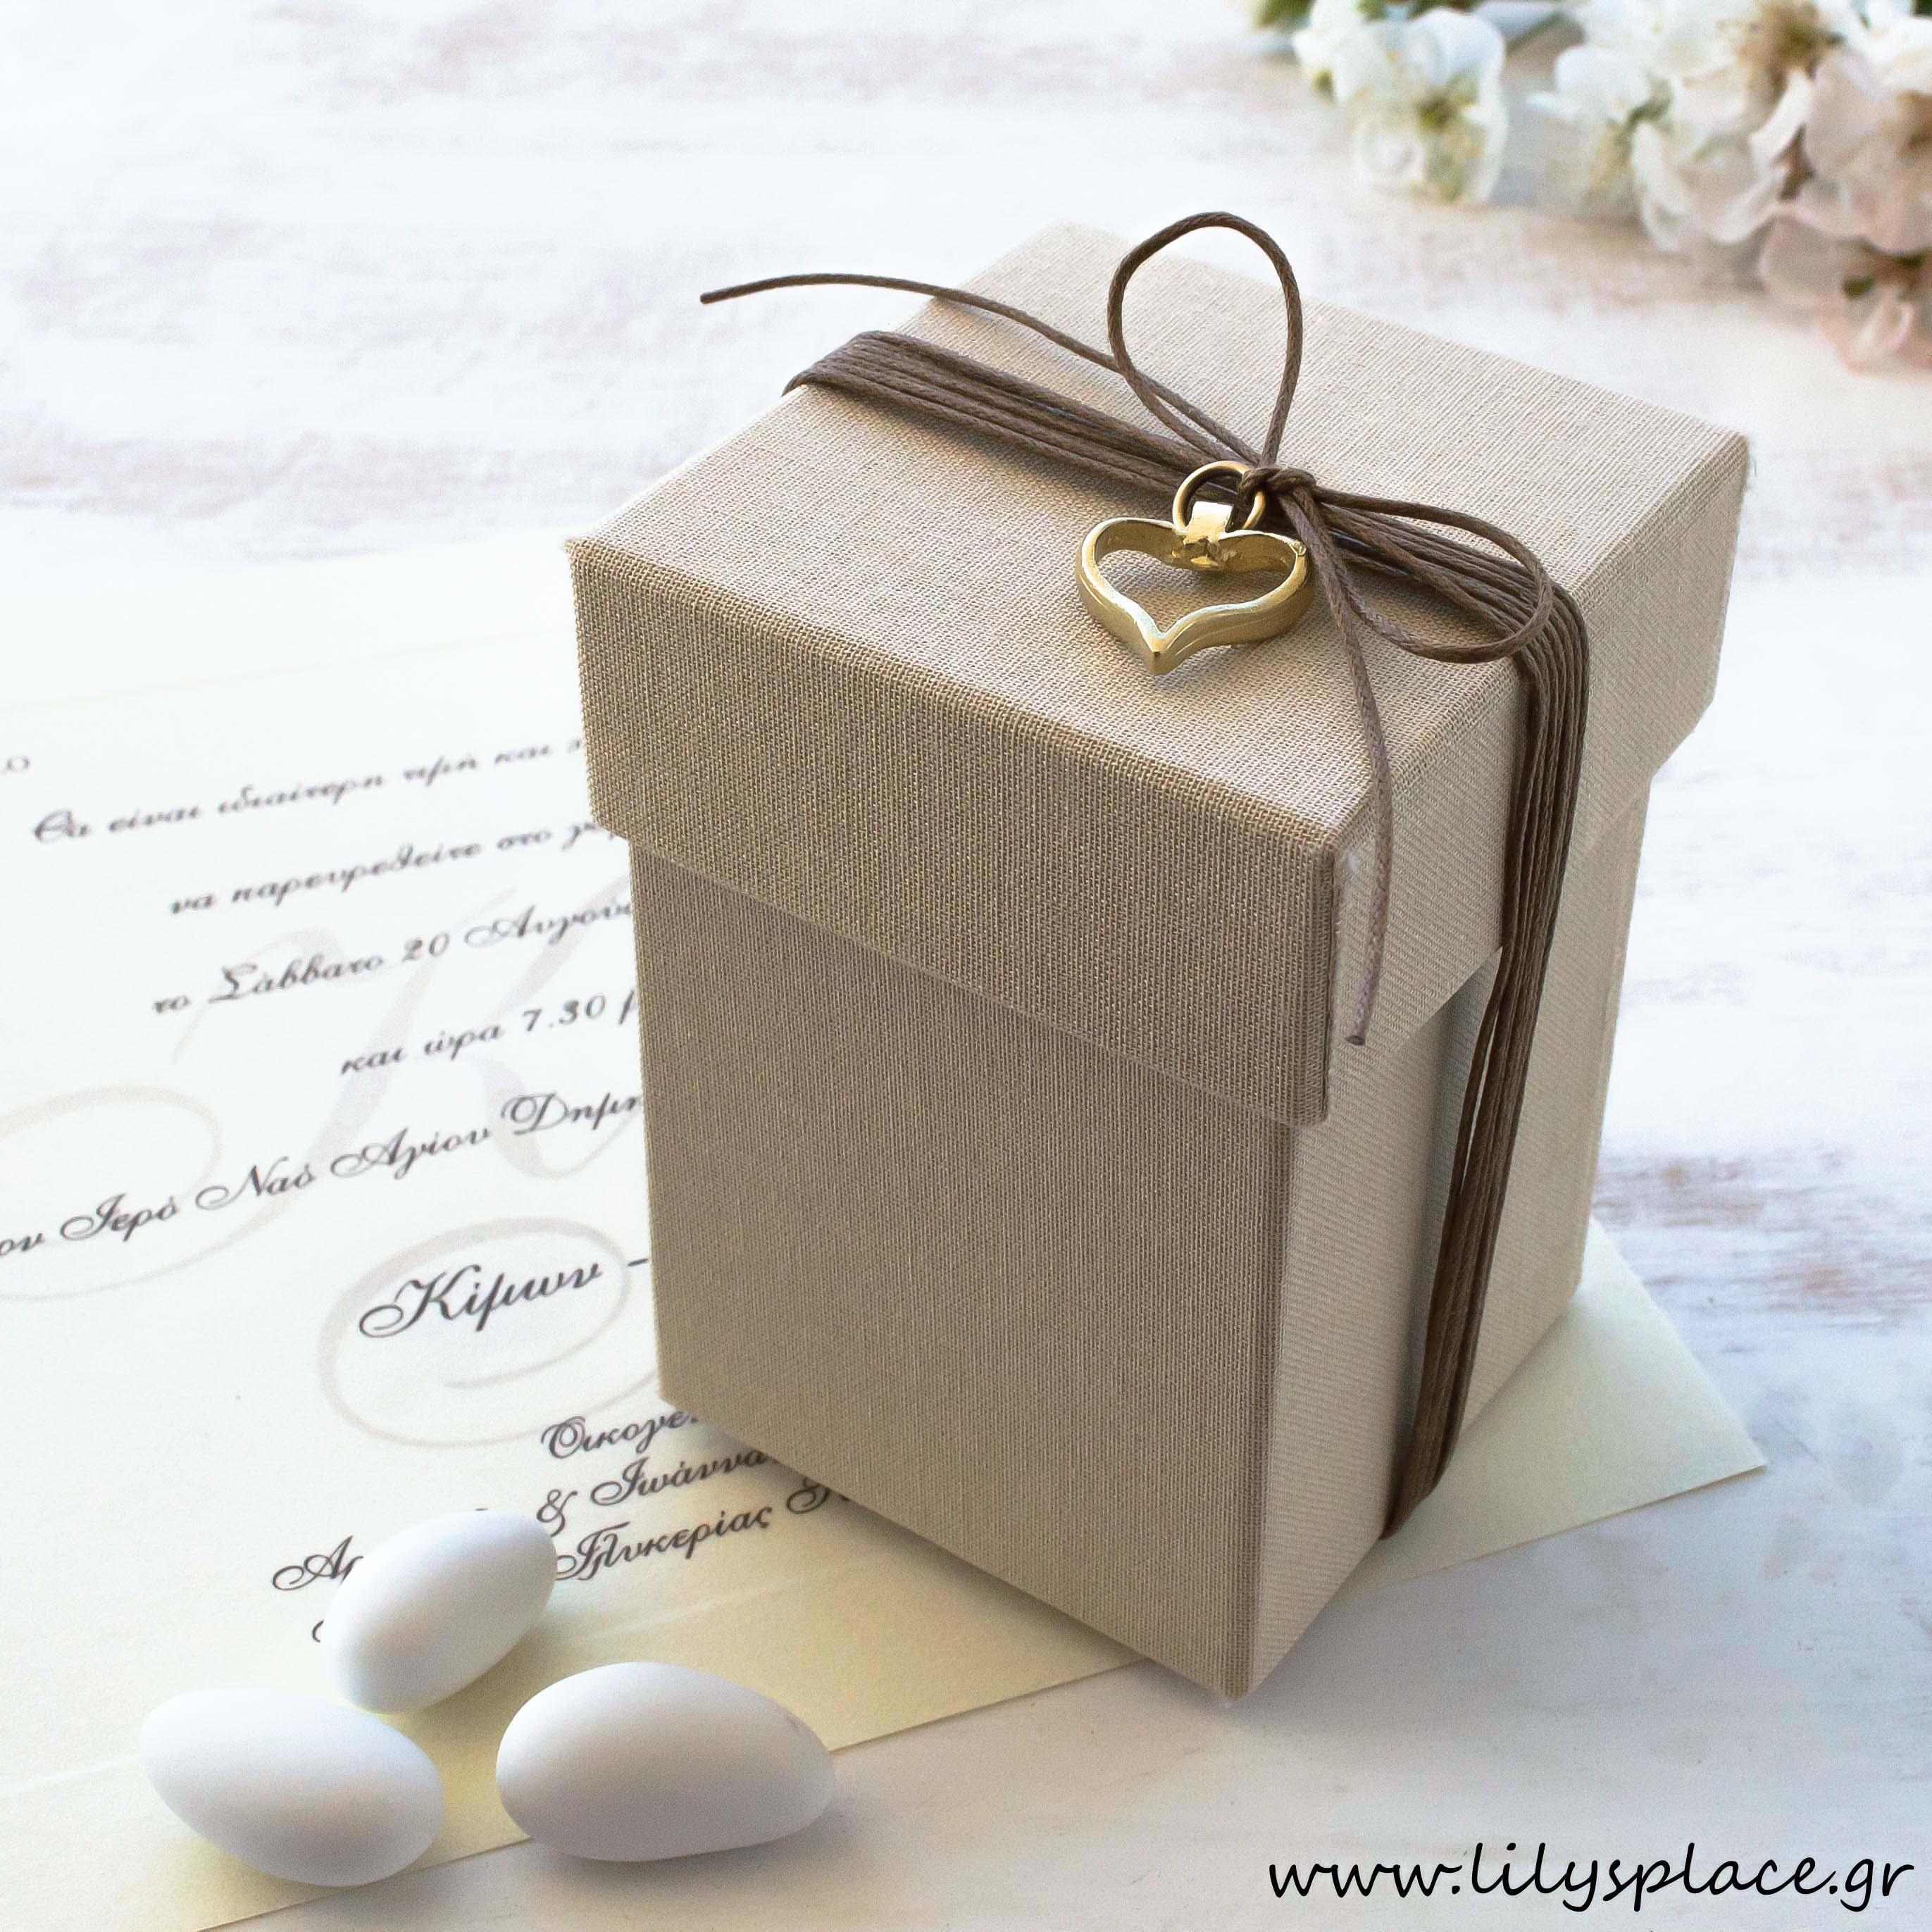 Μπομπονιέρα γάμου κουτί υφασμάτινο